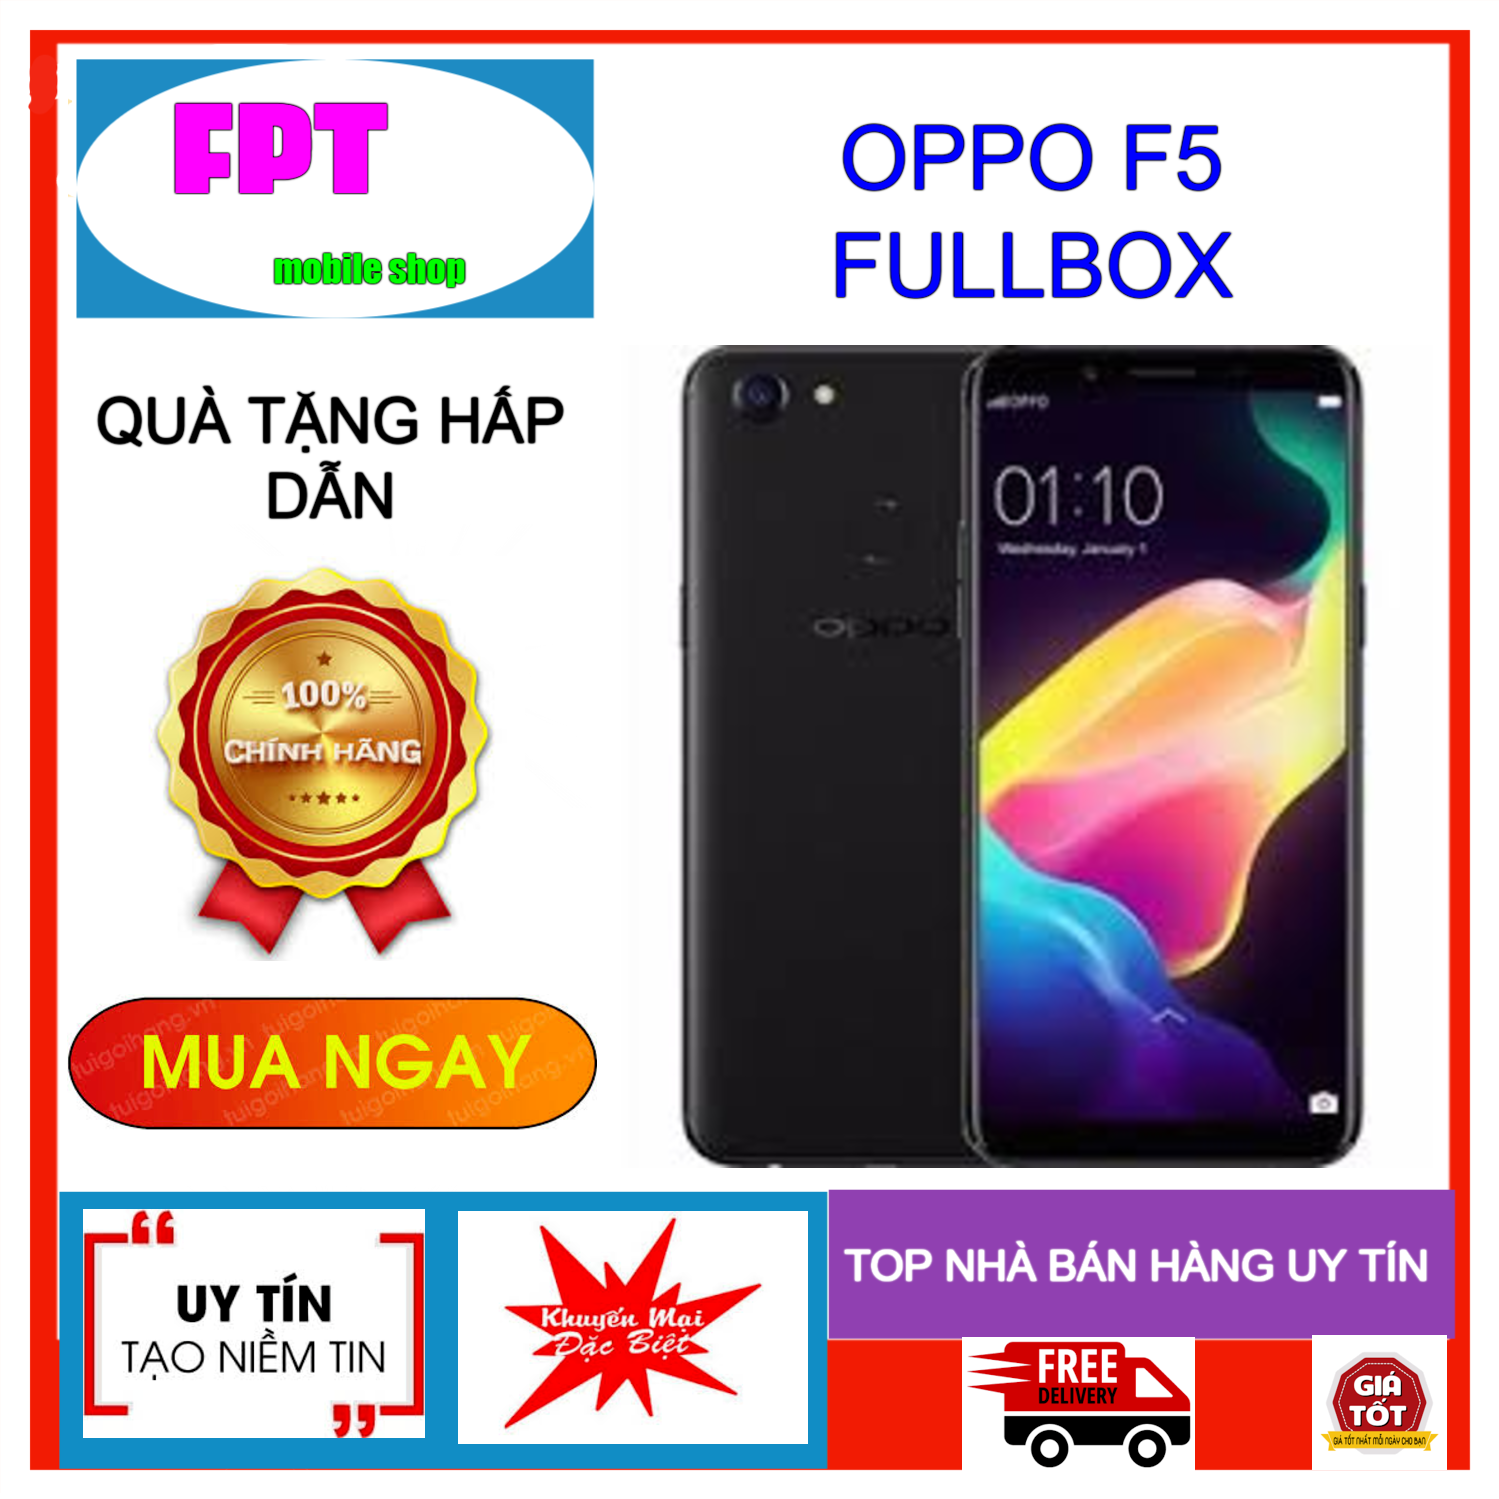 Điện thoại Oppo F5 32GB RAM 4GB FULLBOX - Điều hướng bằng cử chỉ, selfie xóa phông, chia đôi màn hình game mode.